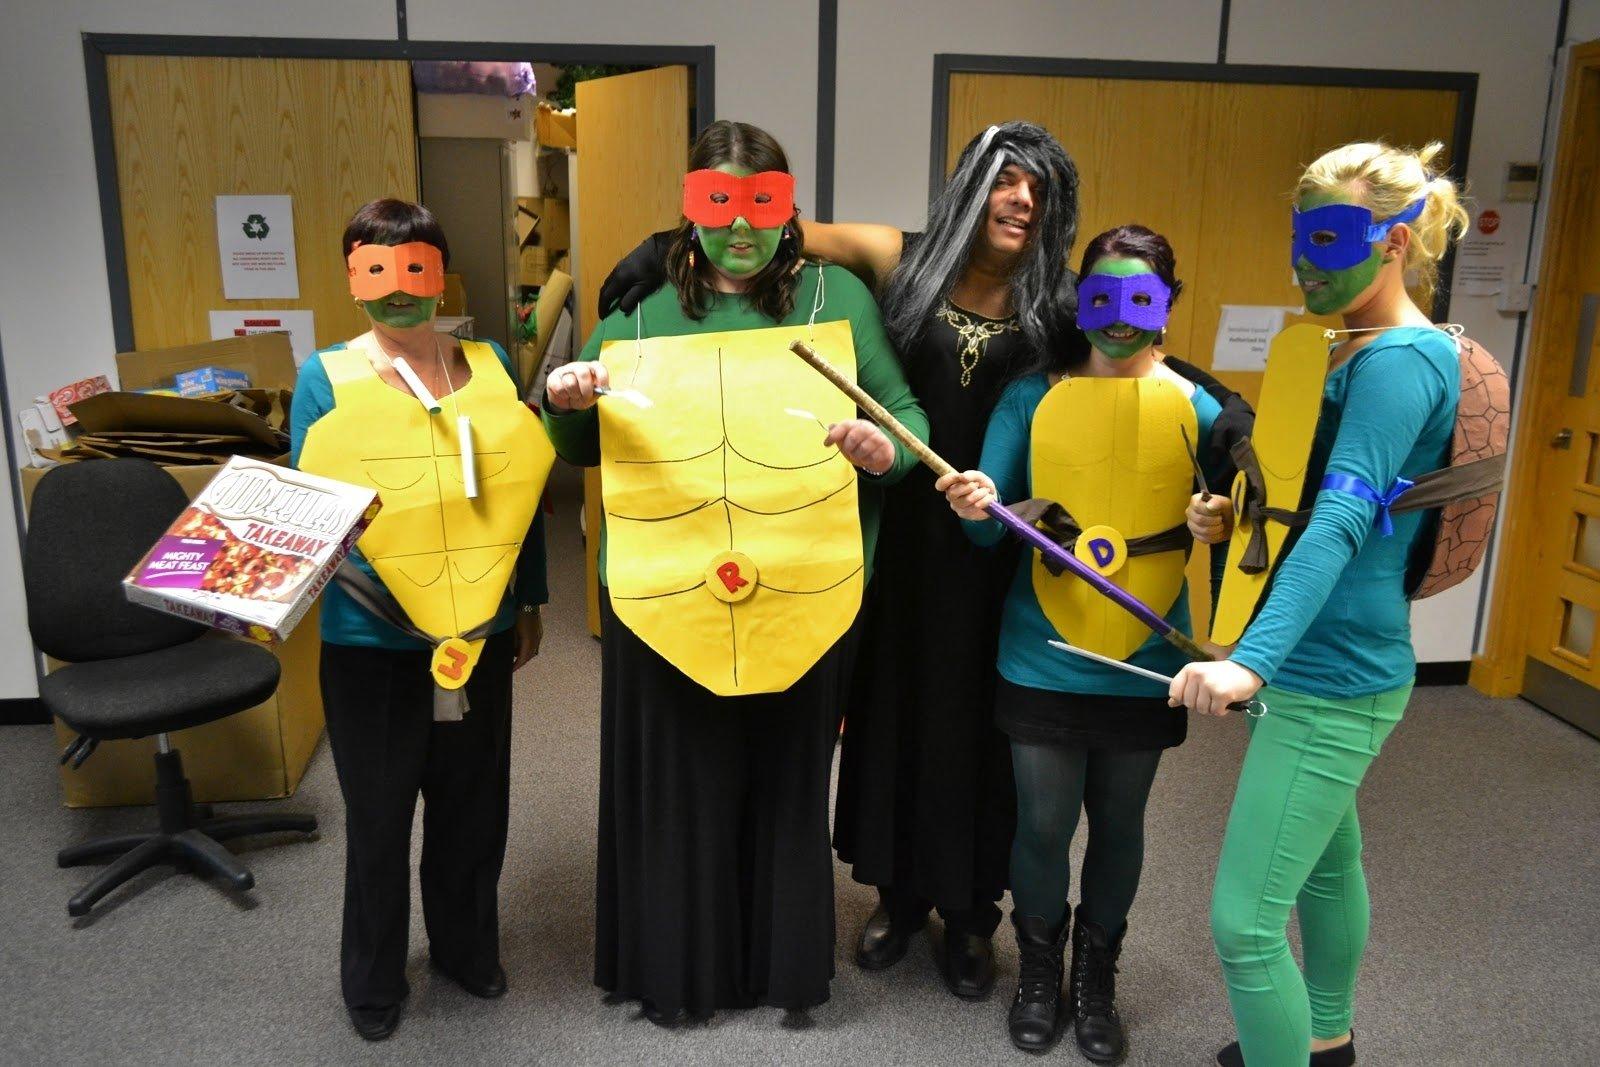 10 Unique Teenage Mutant Ninja Turtles Costume Ideas 59 homemade diy teenage mutant ninja turtle costumes 2021